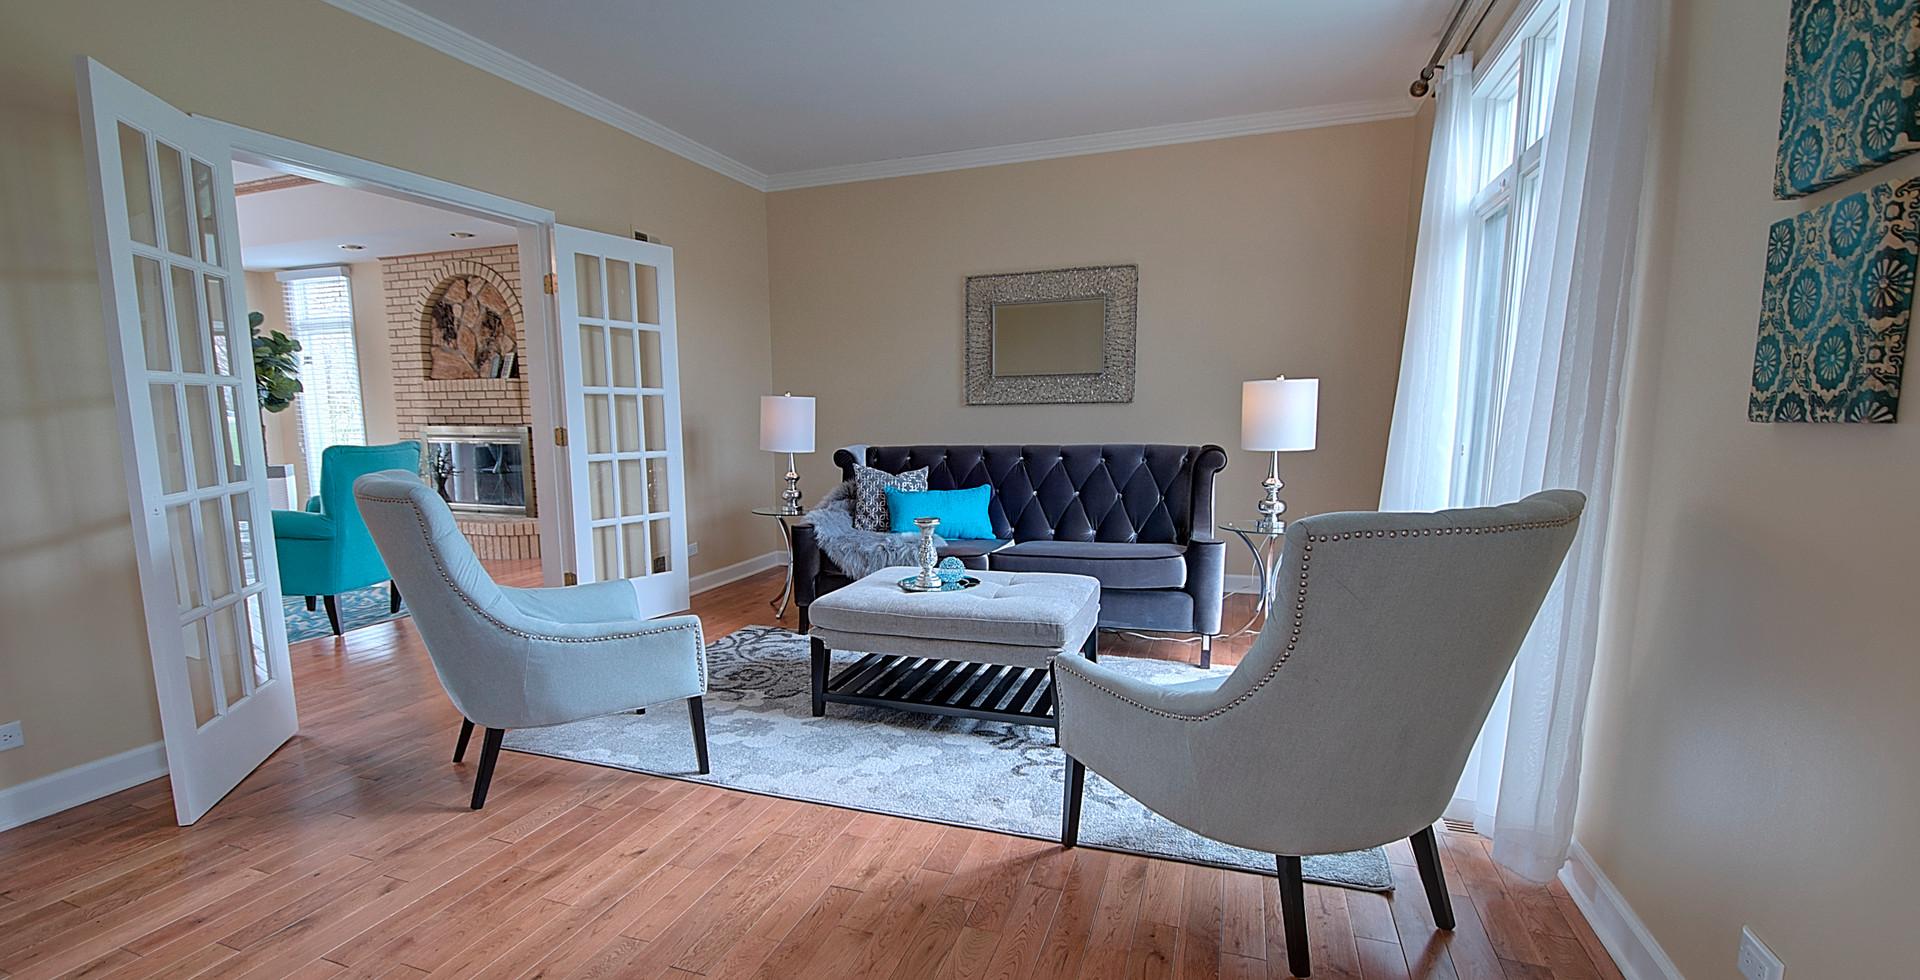 Living Room in Des Plaines designed by MRM Home Design.jpg